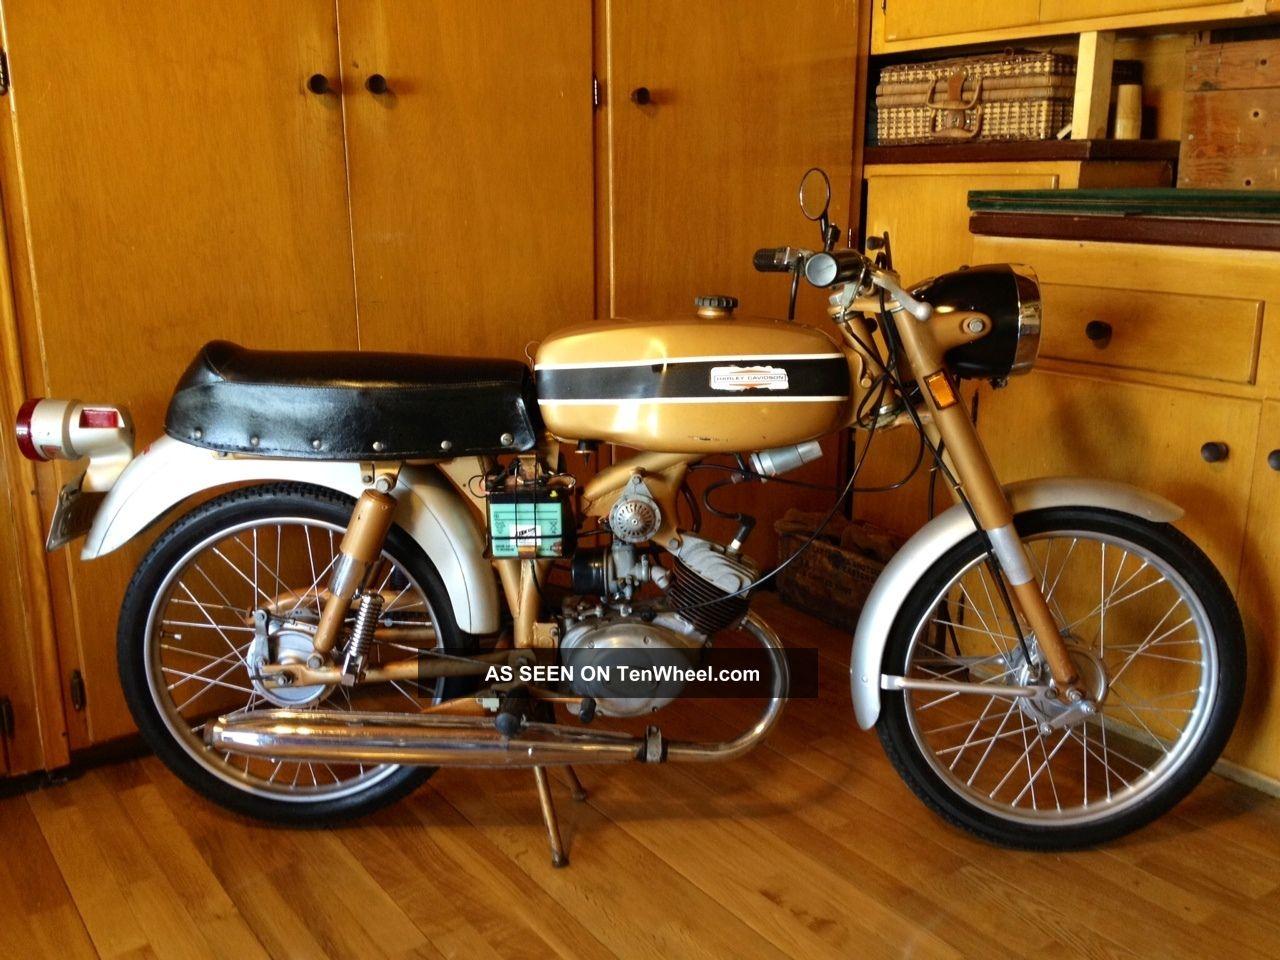 1970 Harley Davidson Aermacchi M65 Motorcycle Leggero Classic Vintage Other photo